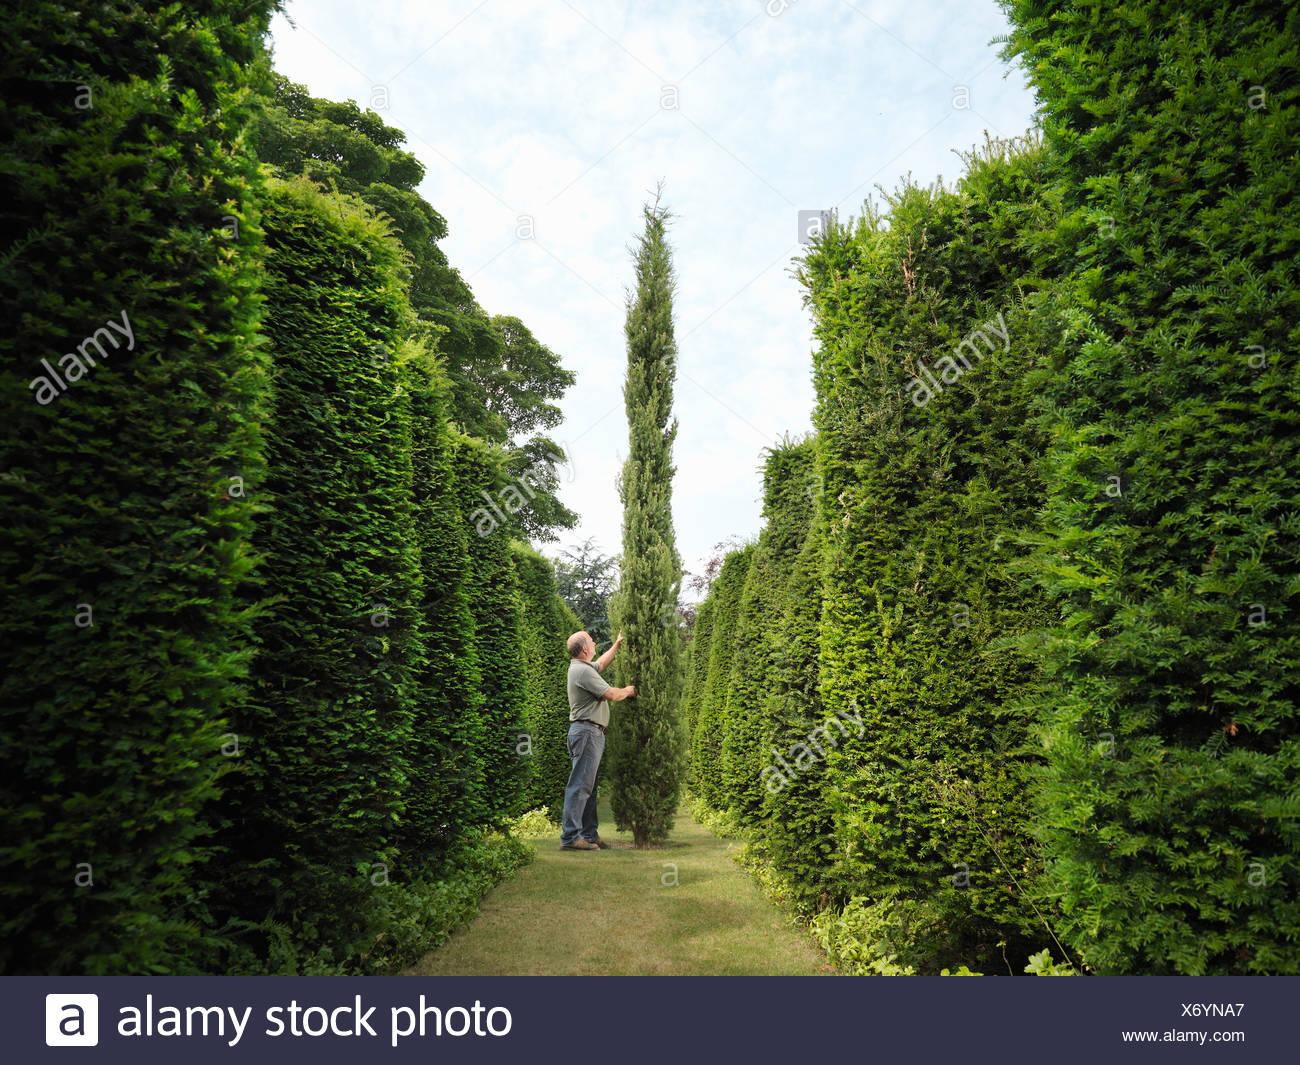 Gardener Inspecting Evergreen Trees - Stock Image